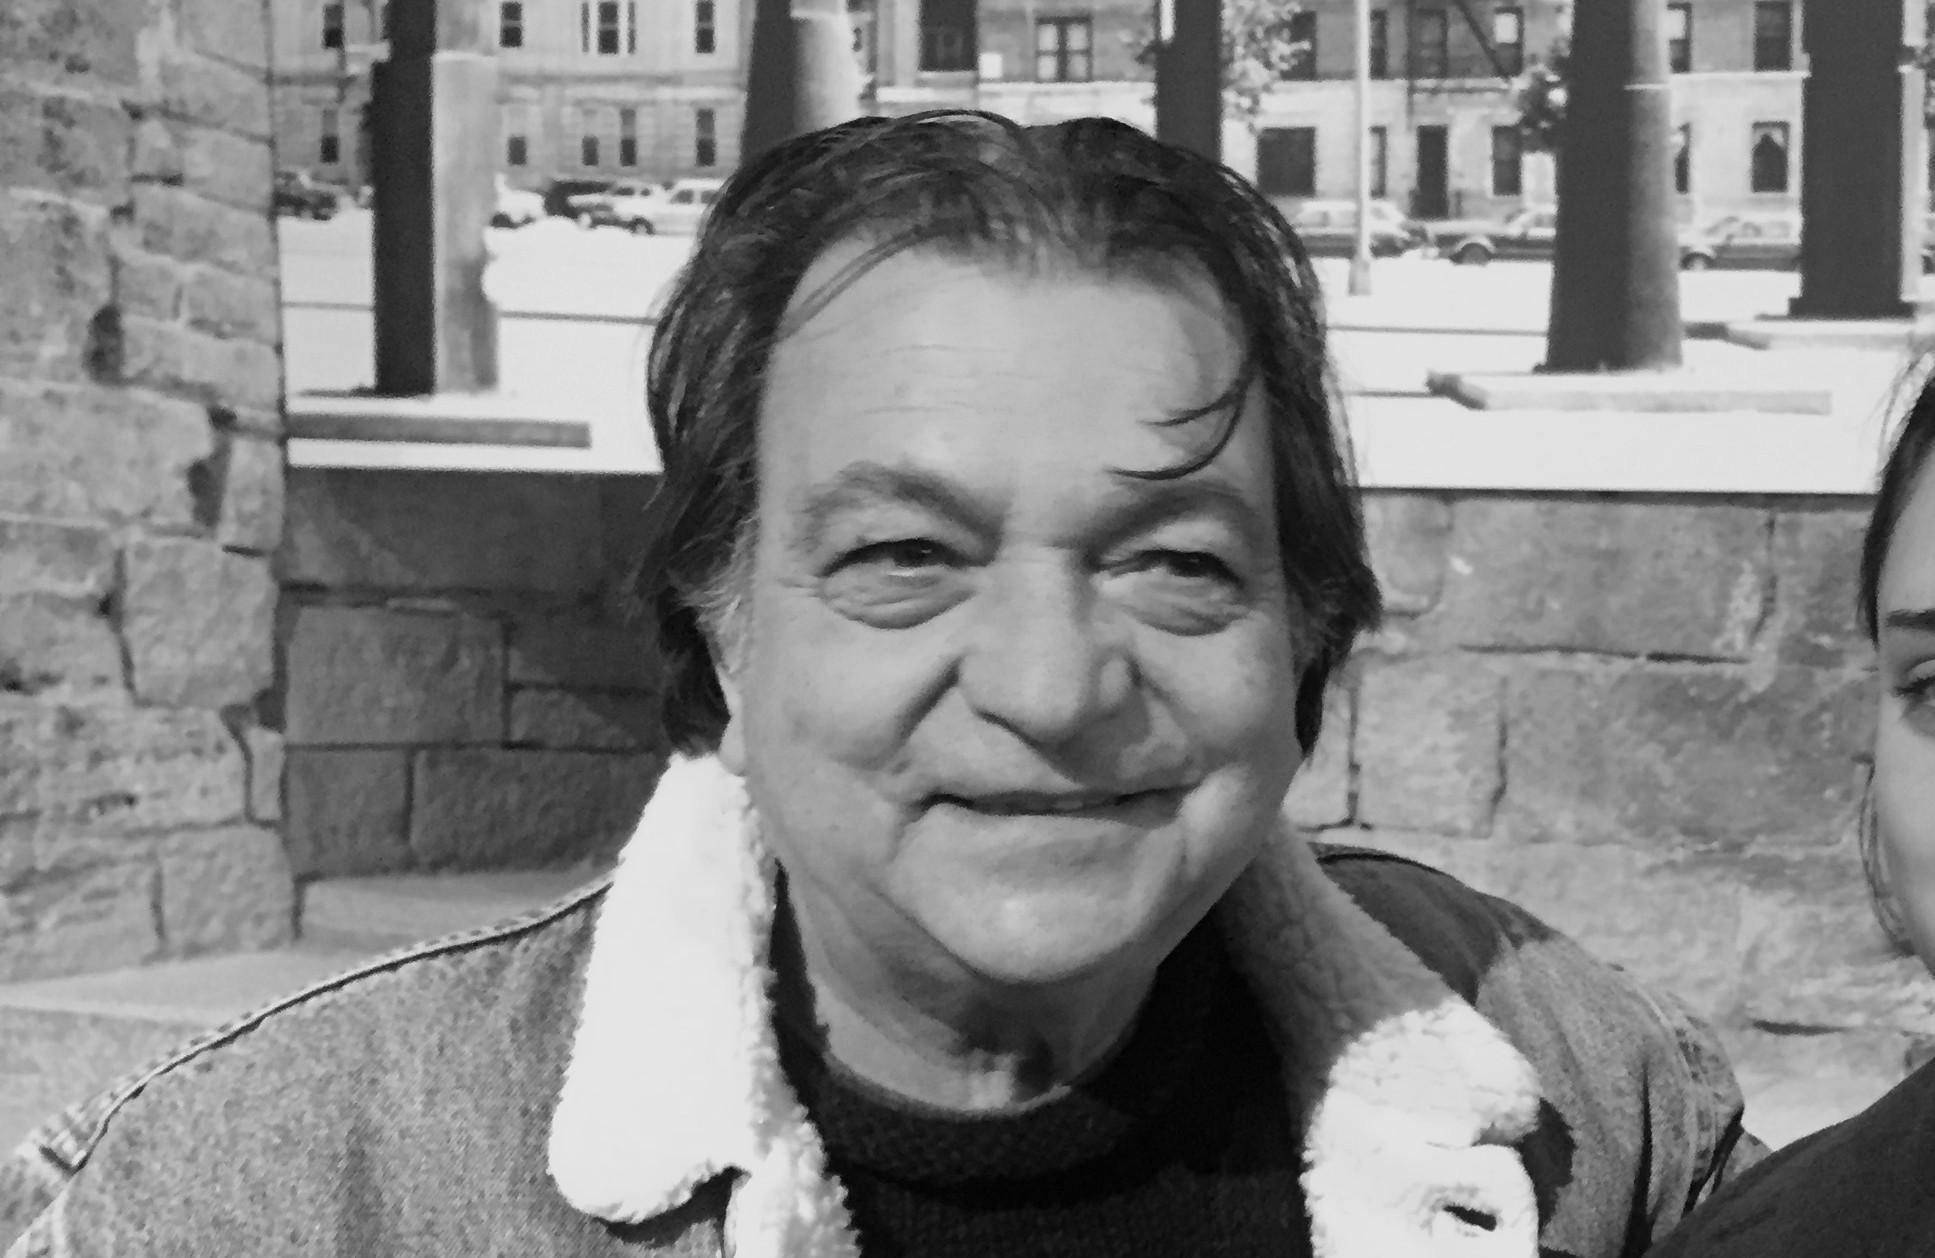 Gianfranco Gorgoni ritratto a Todi nei mesi scorsi